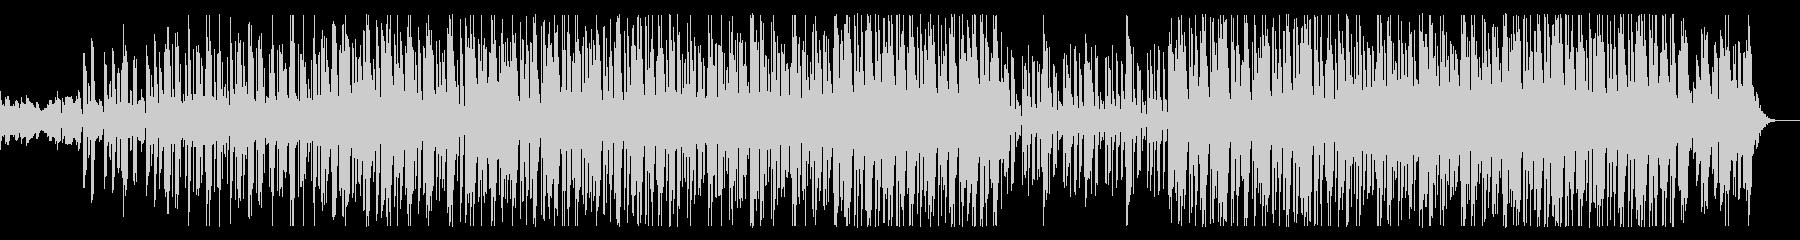 バサノバ 不思議 奇妙 電気ピアノ...の未再生の波形